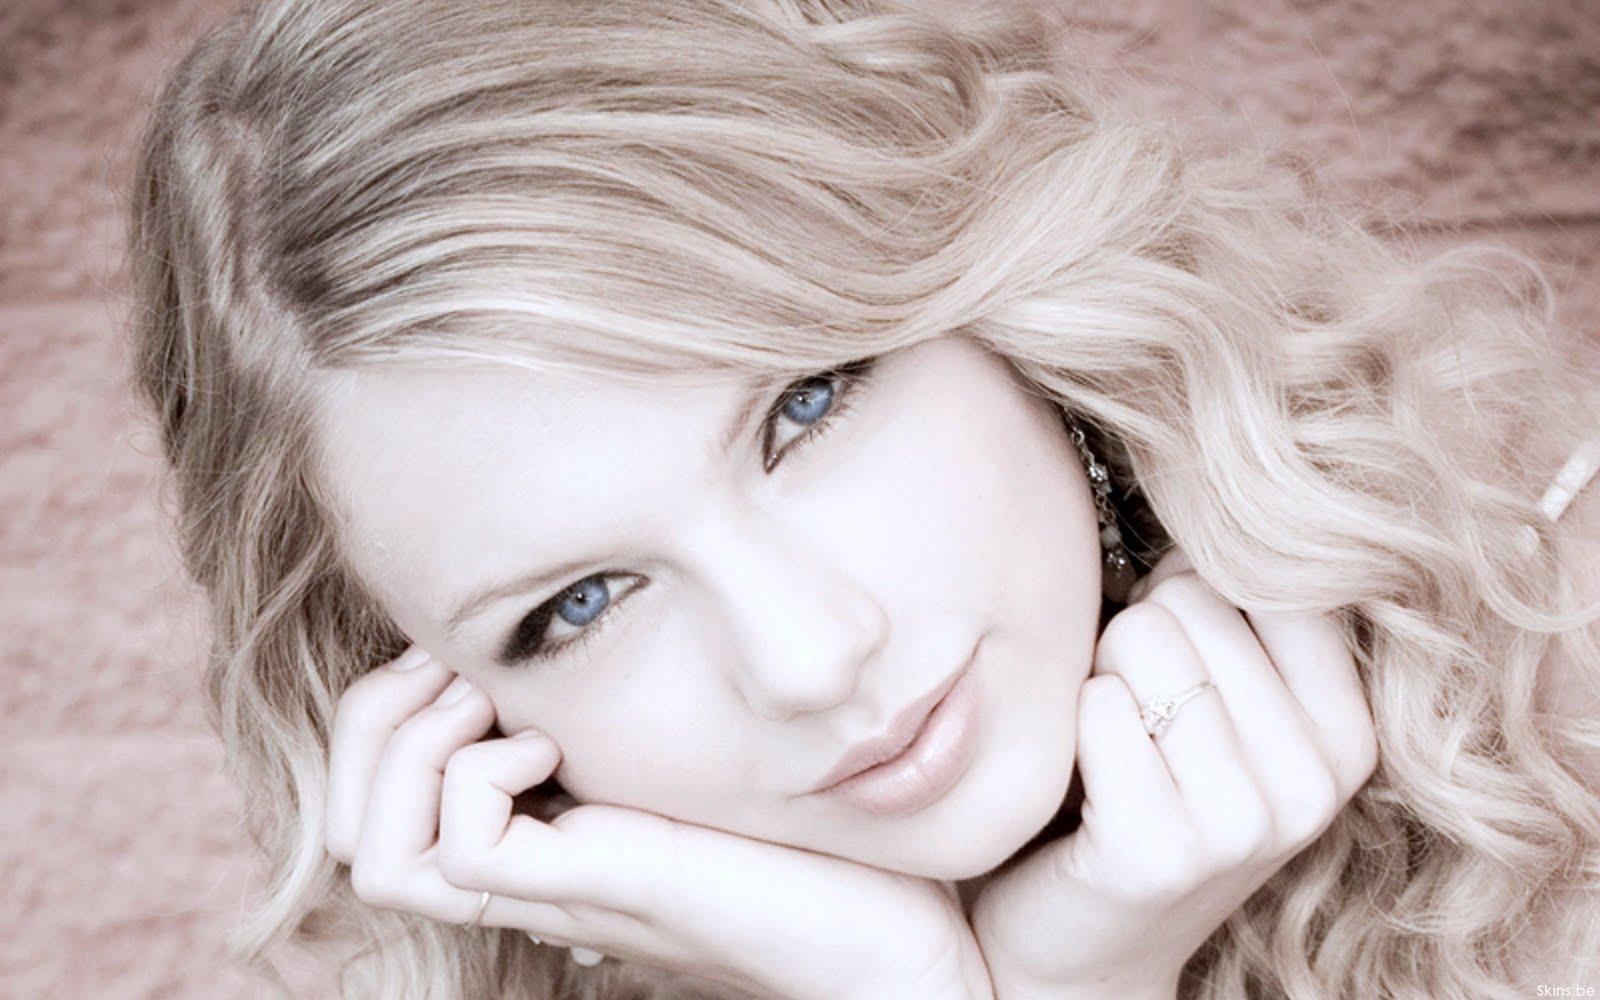 http://4.bp.blogspot.com/-0ddAOUX2C7k/Tr0G6txbUsI/AAAAAAAADok/XZoj7-QJGLs/s1600/Taylor+Swift+7.jpg